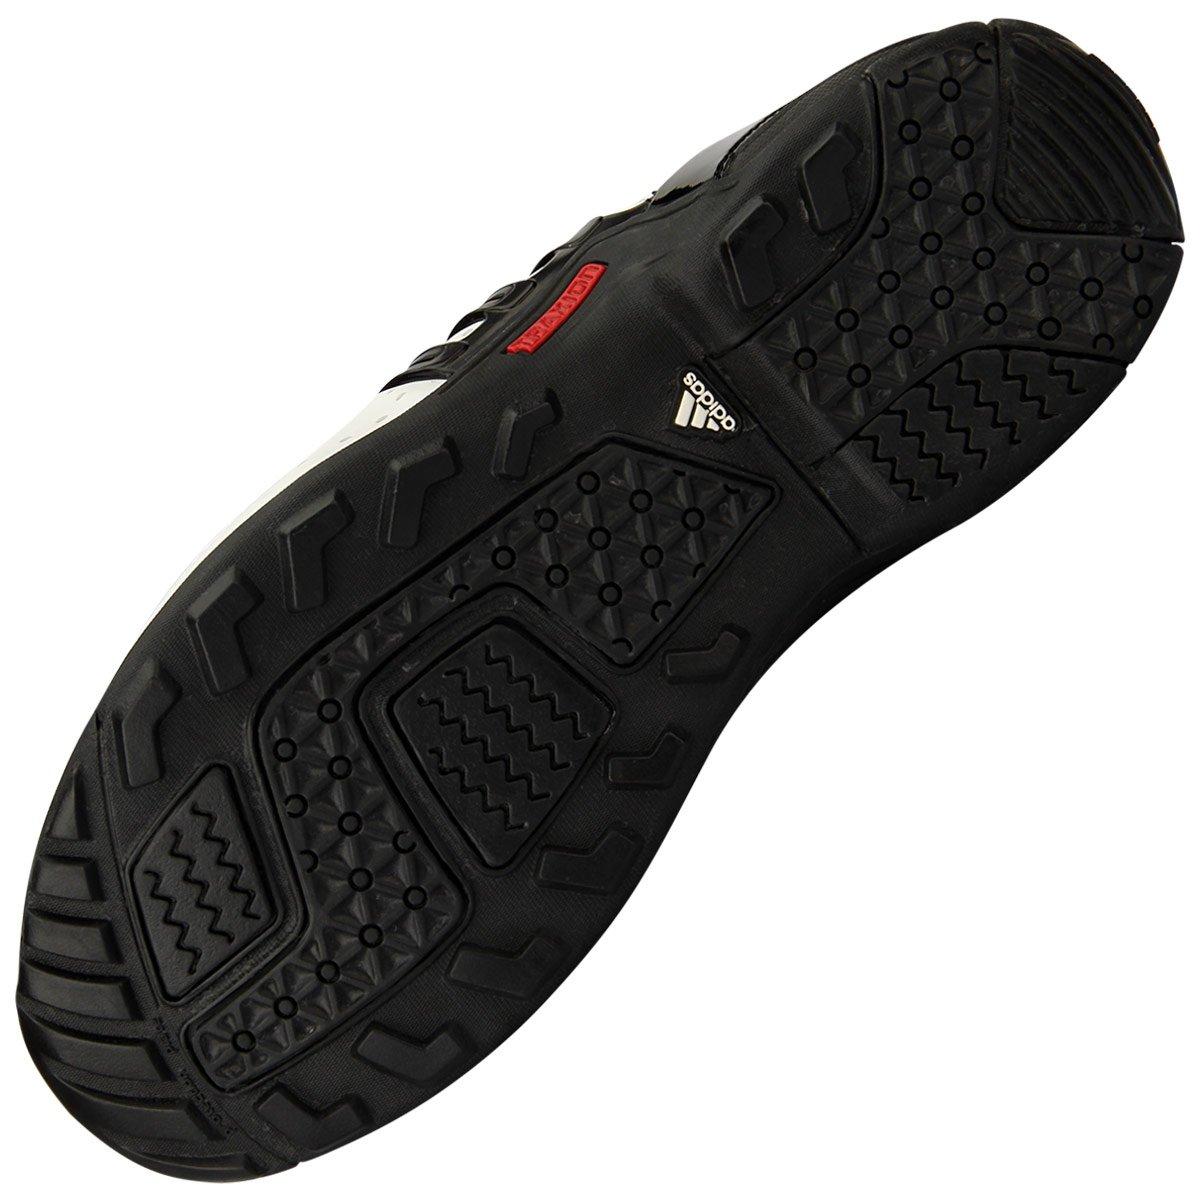 Tênis Adidas Mali 10 Evolution - Compre Agora  55775ac5b8e33